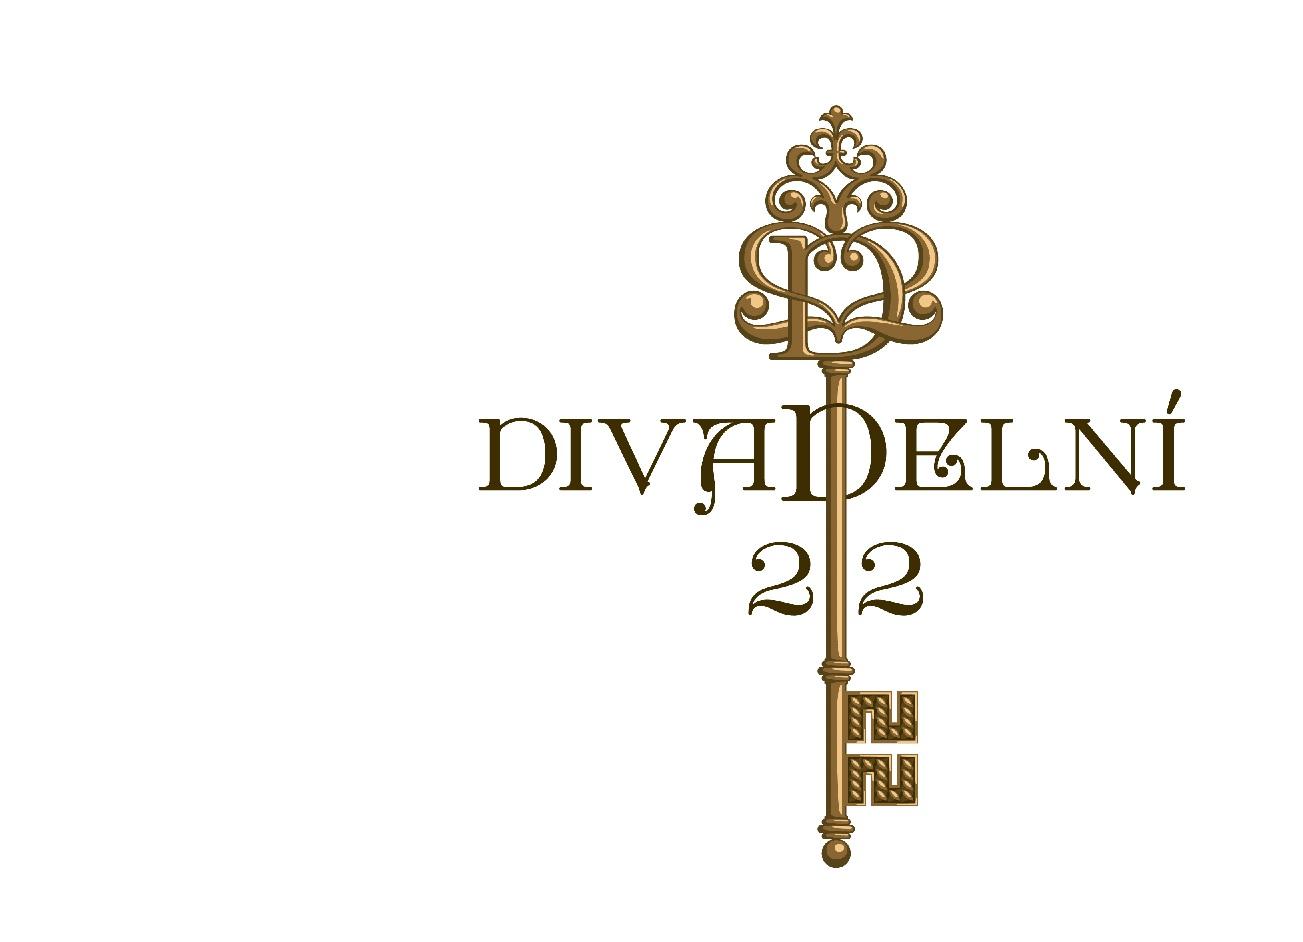 www.divadelni22.com - logo